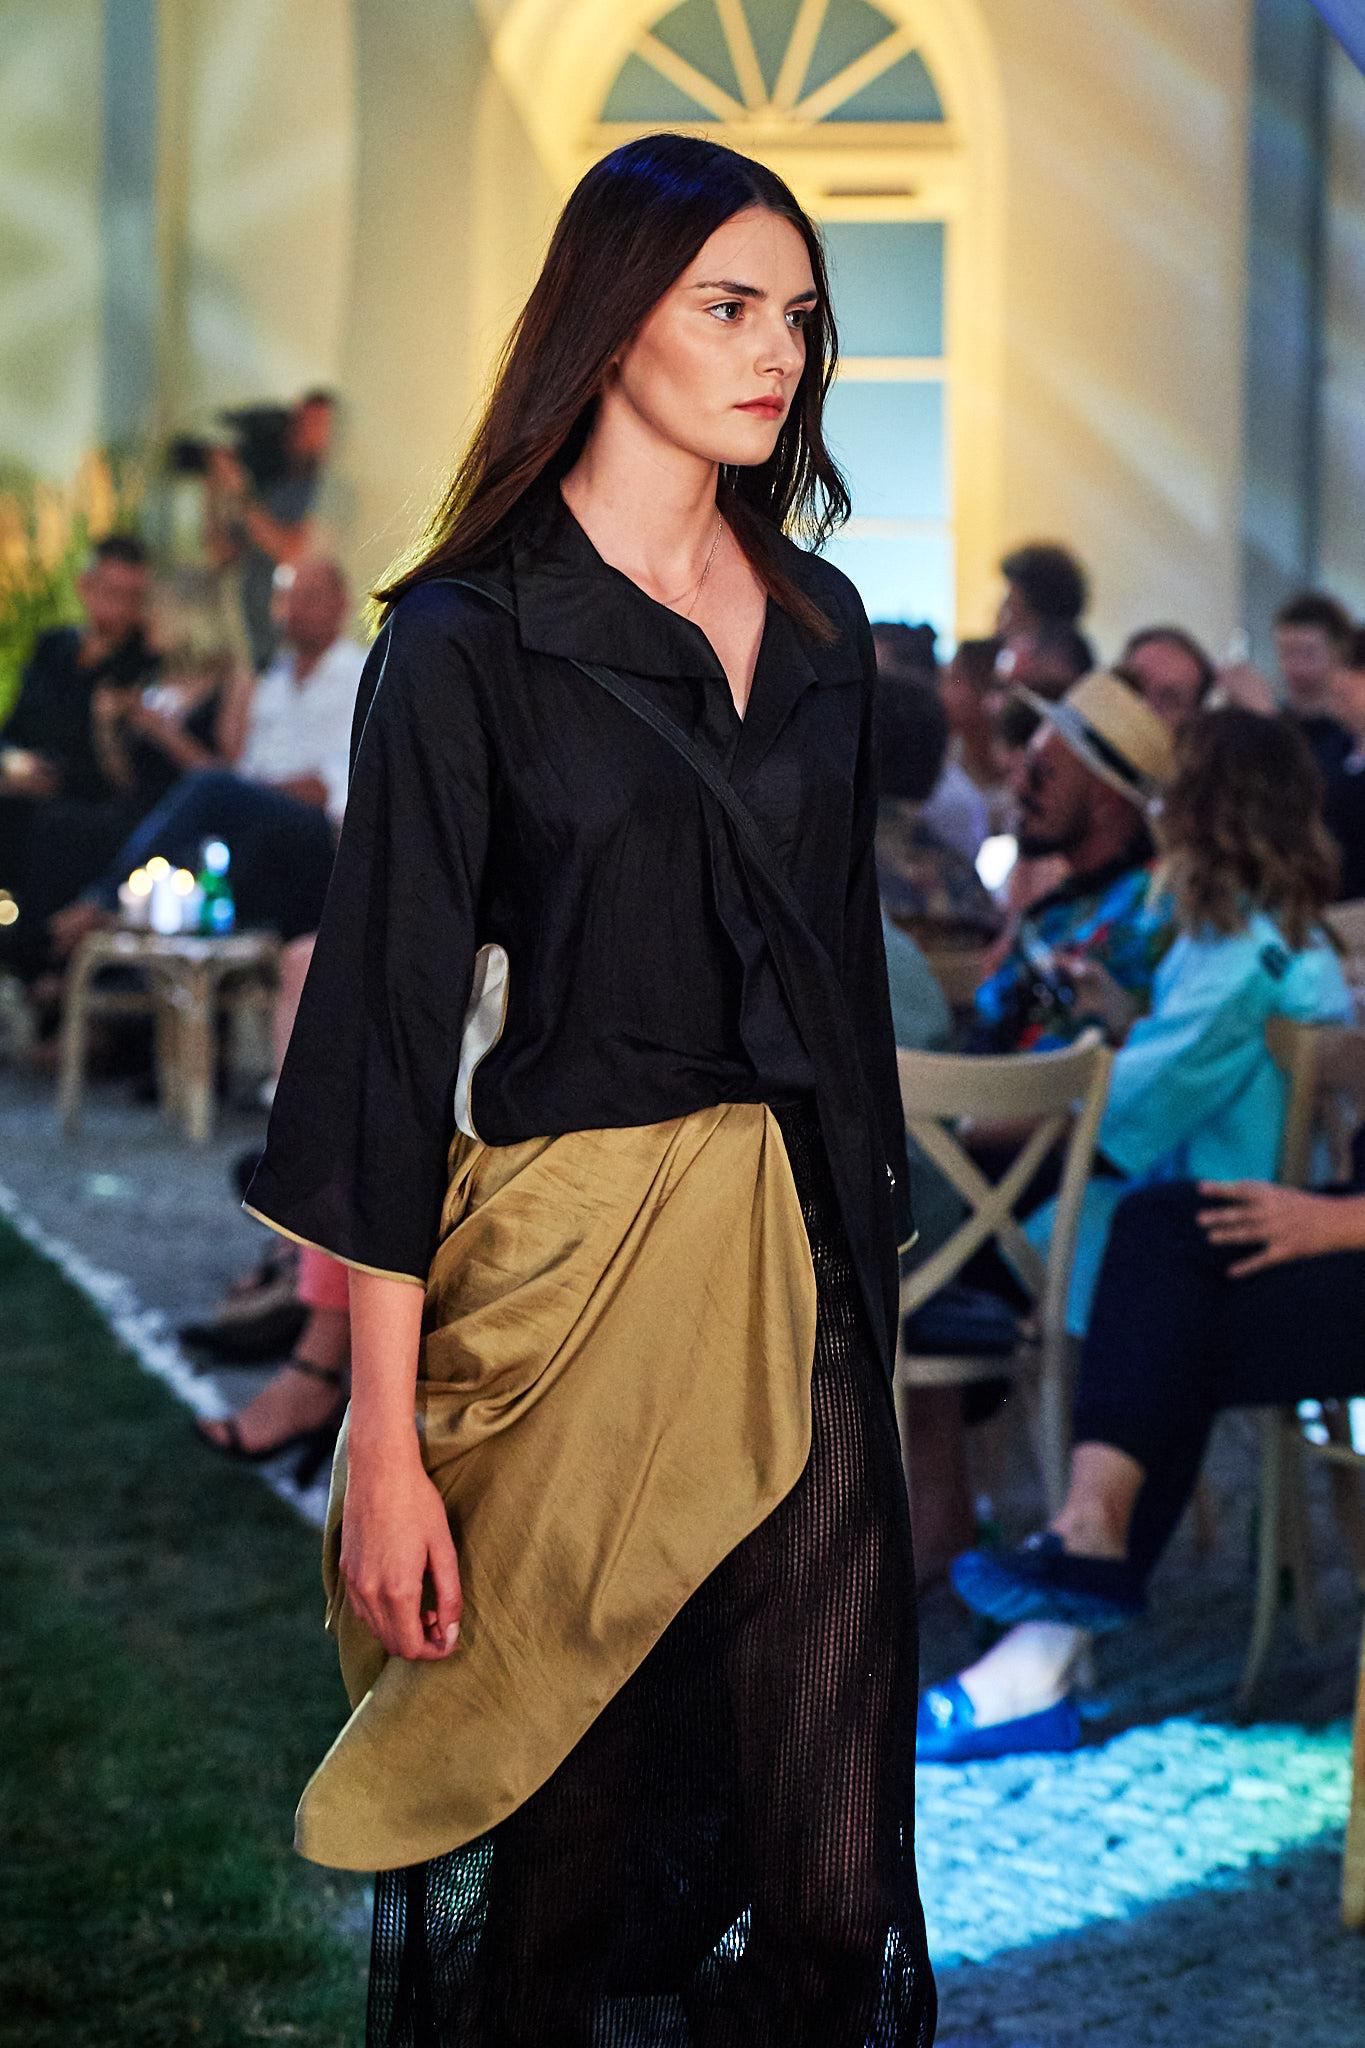 36_MMC-010719-lowres-fotFilipOkopny-FashionImages.jpg